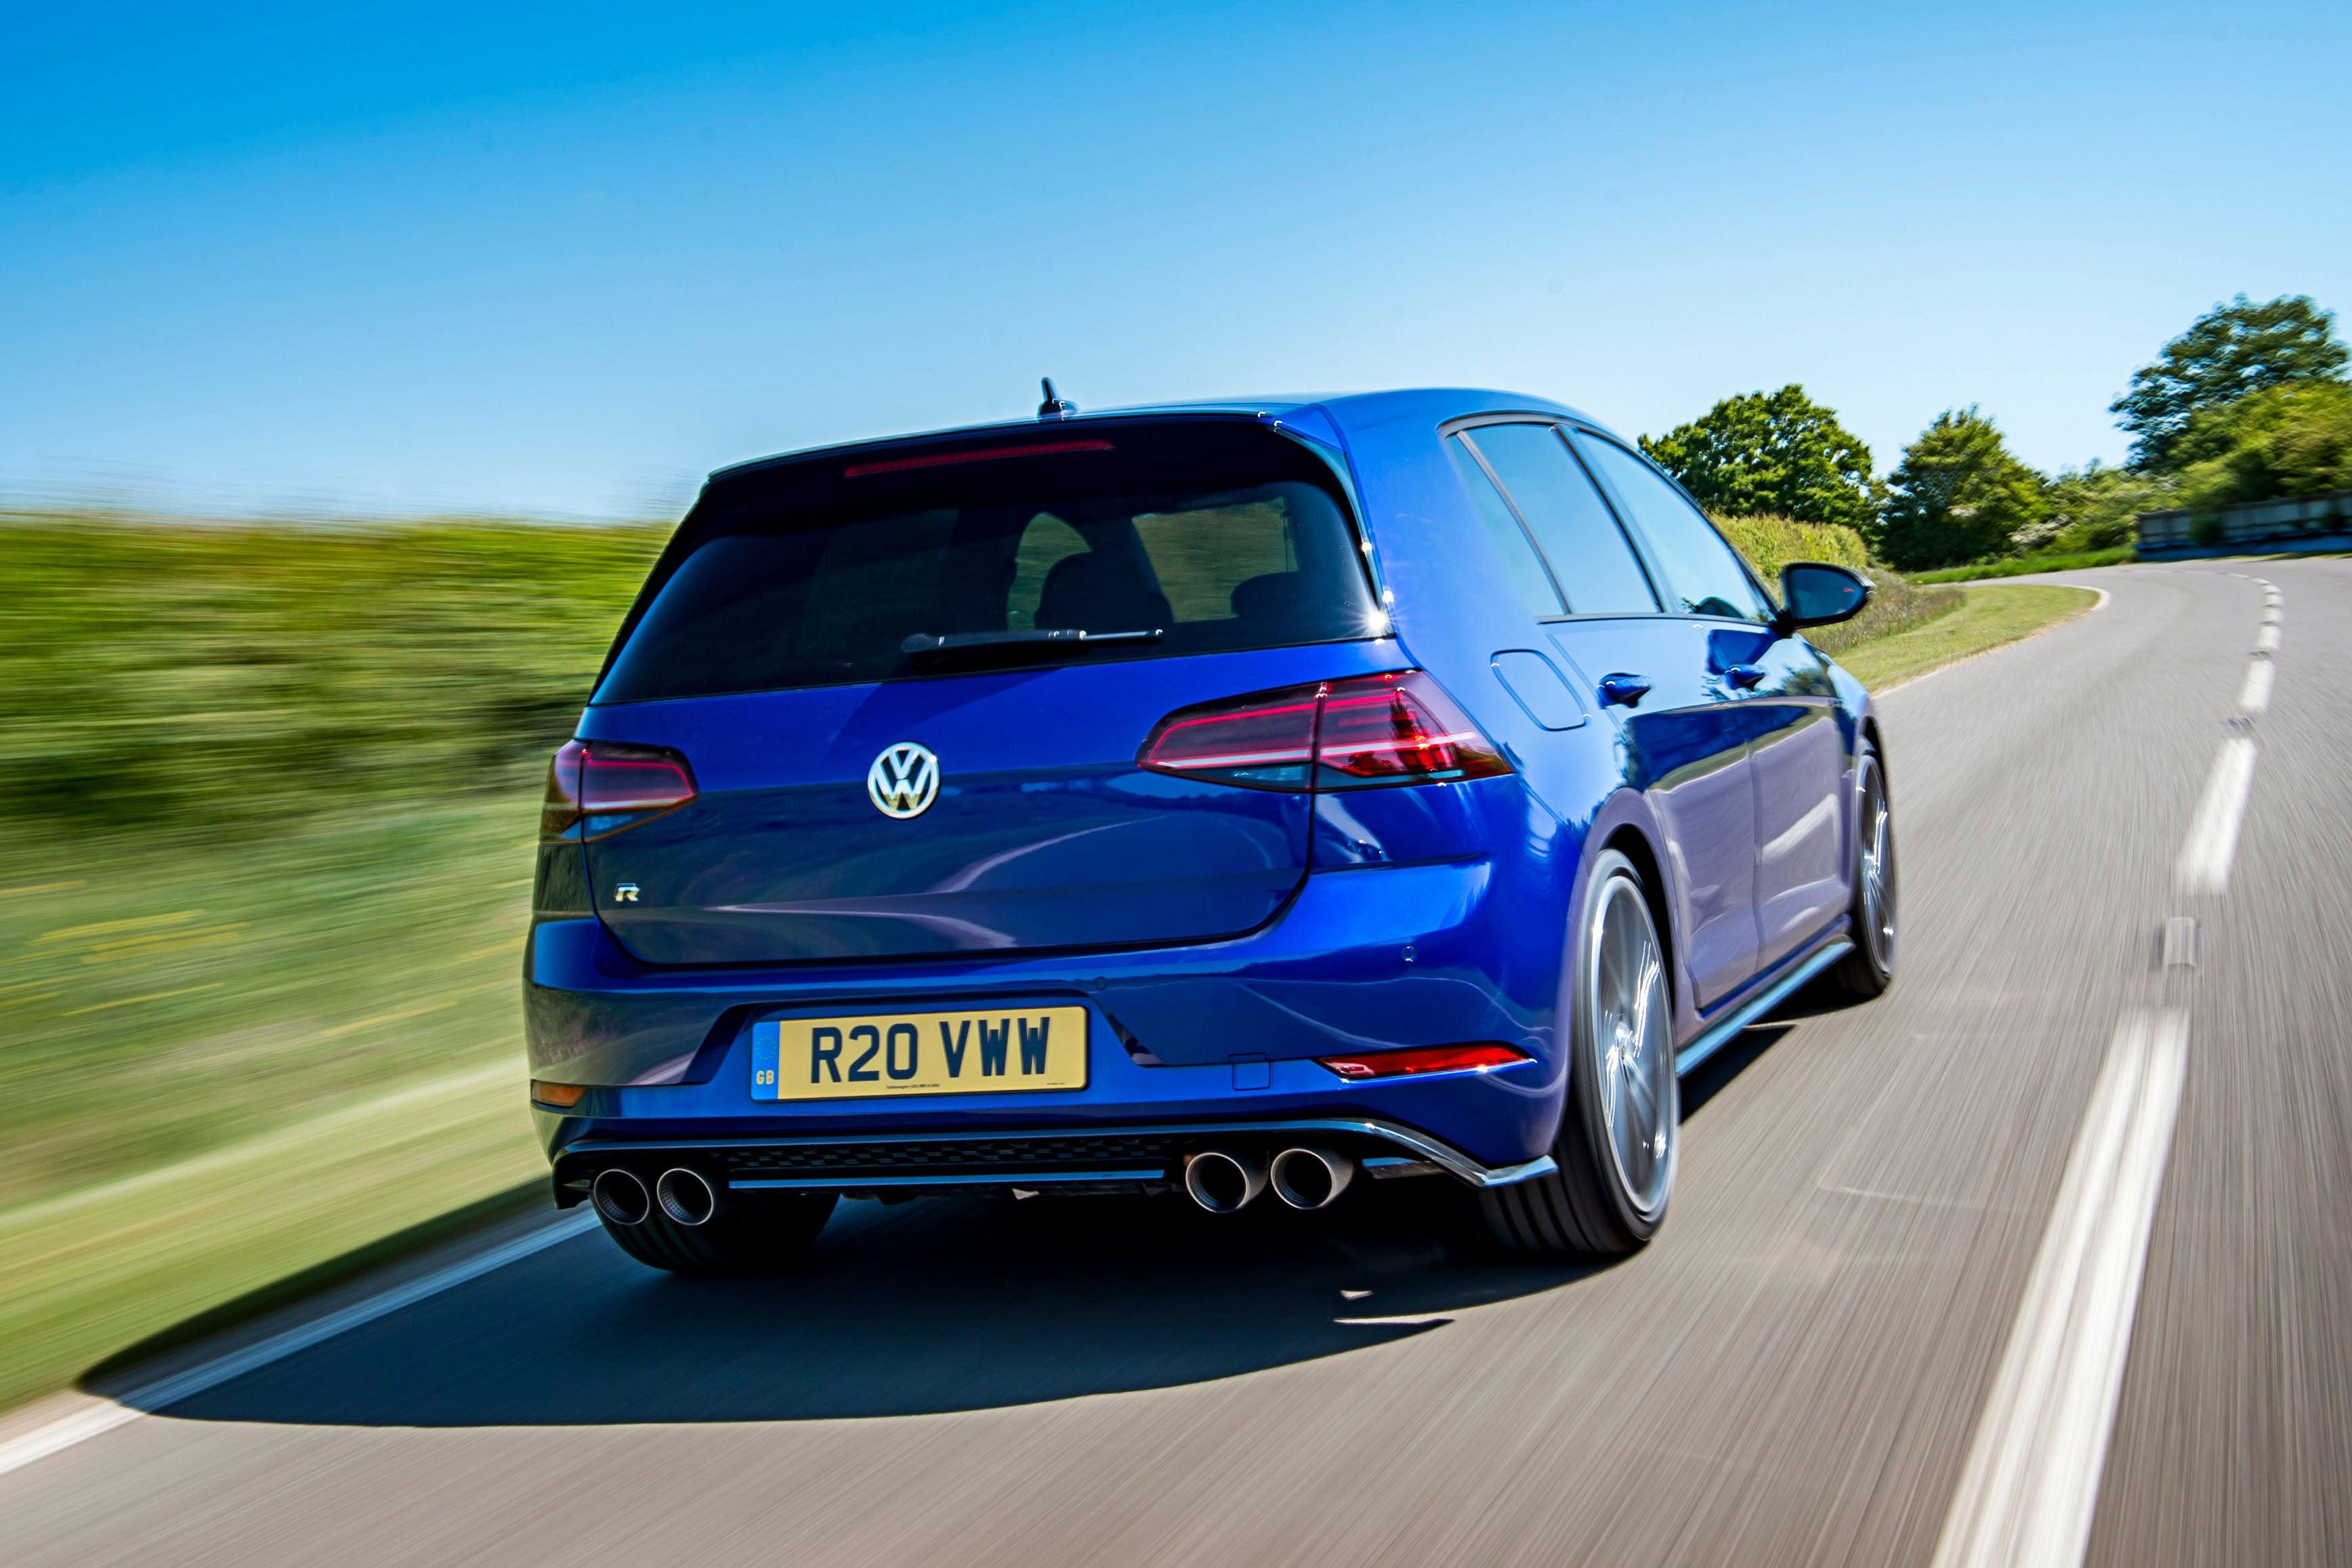 Volkswagen Golf R Rear View